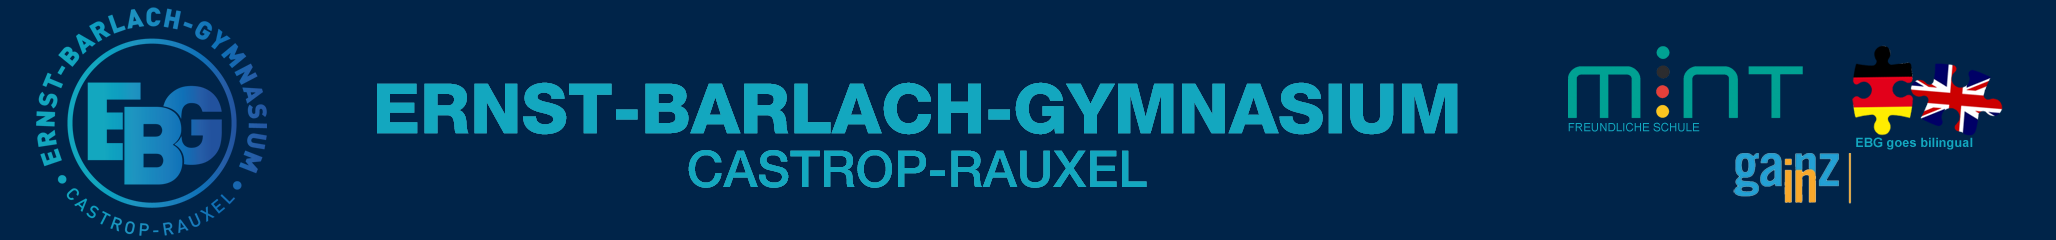 Ernst-Barlach-Gymnasium online